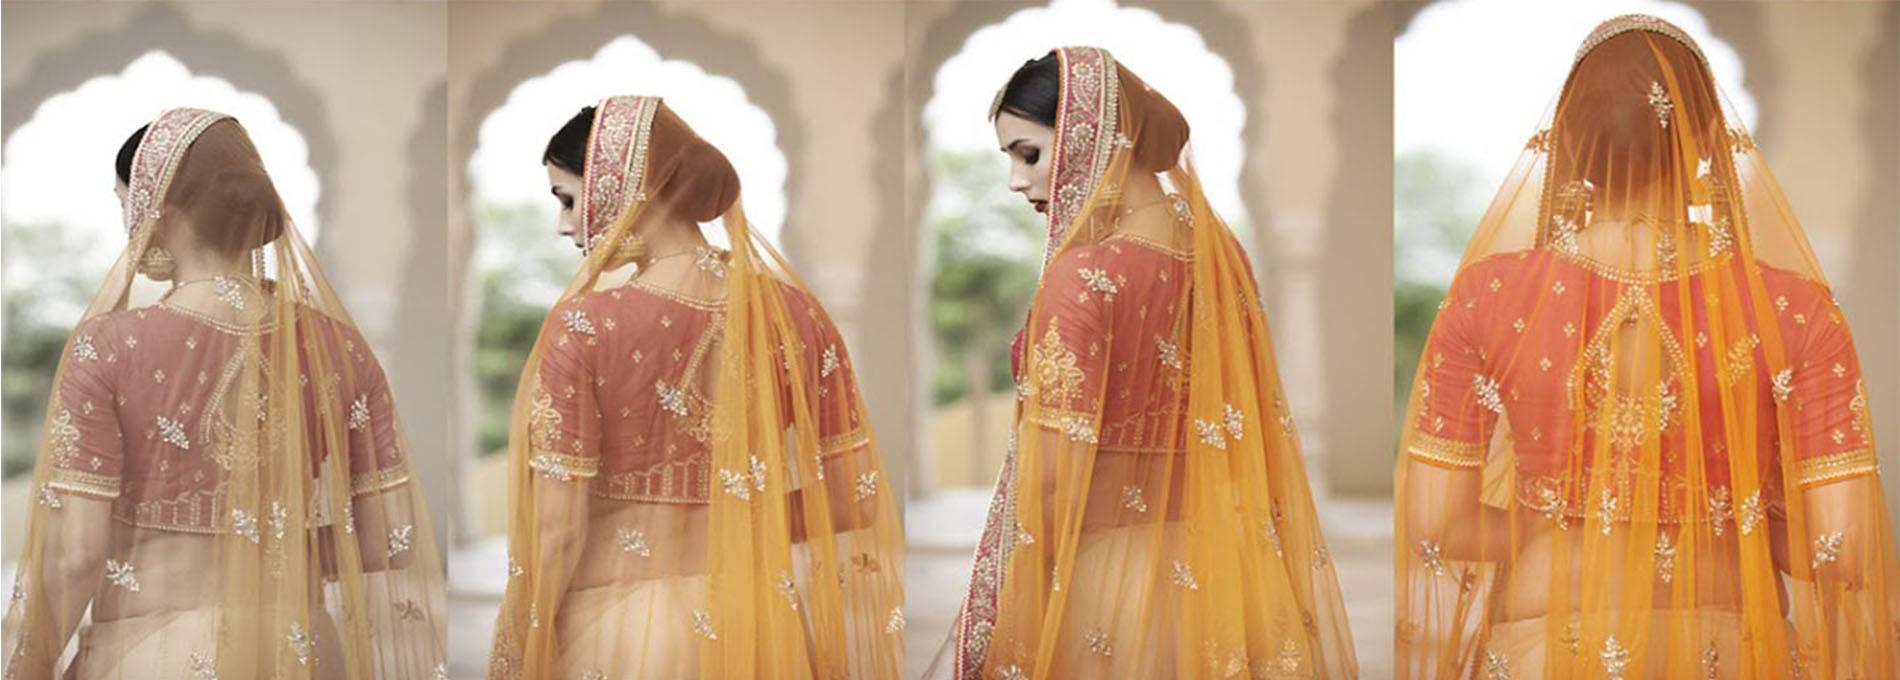 Artikel mit Schlagwort Indisches Kleid in Beige